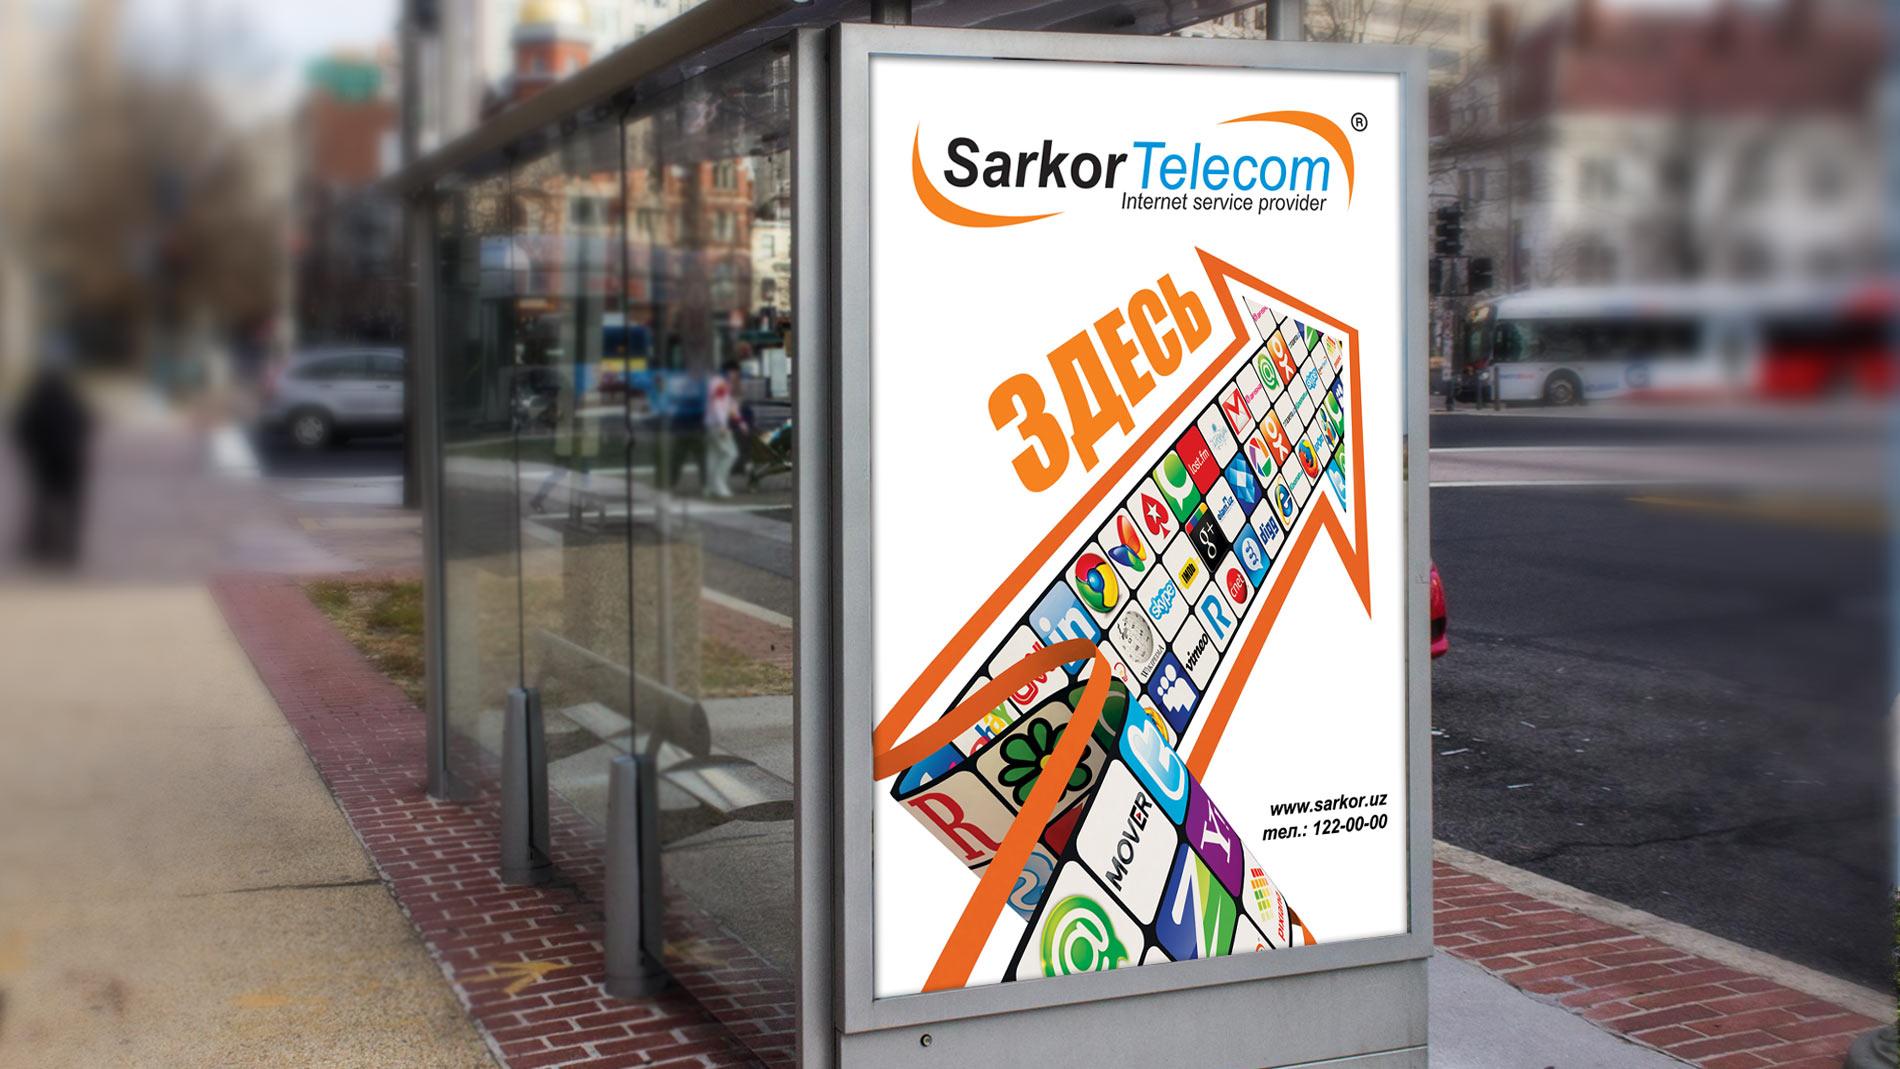 sarkor